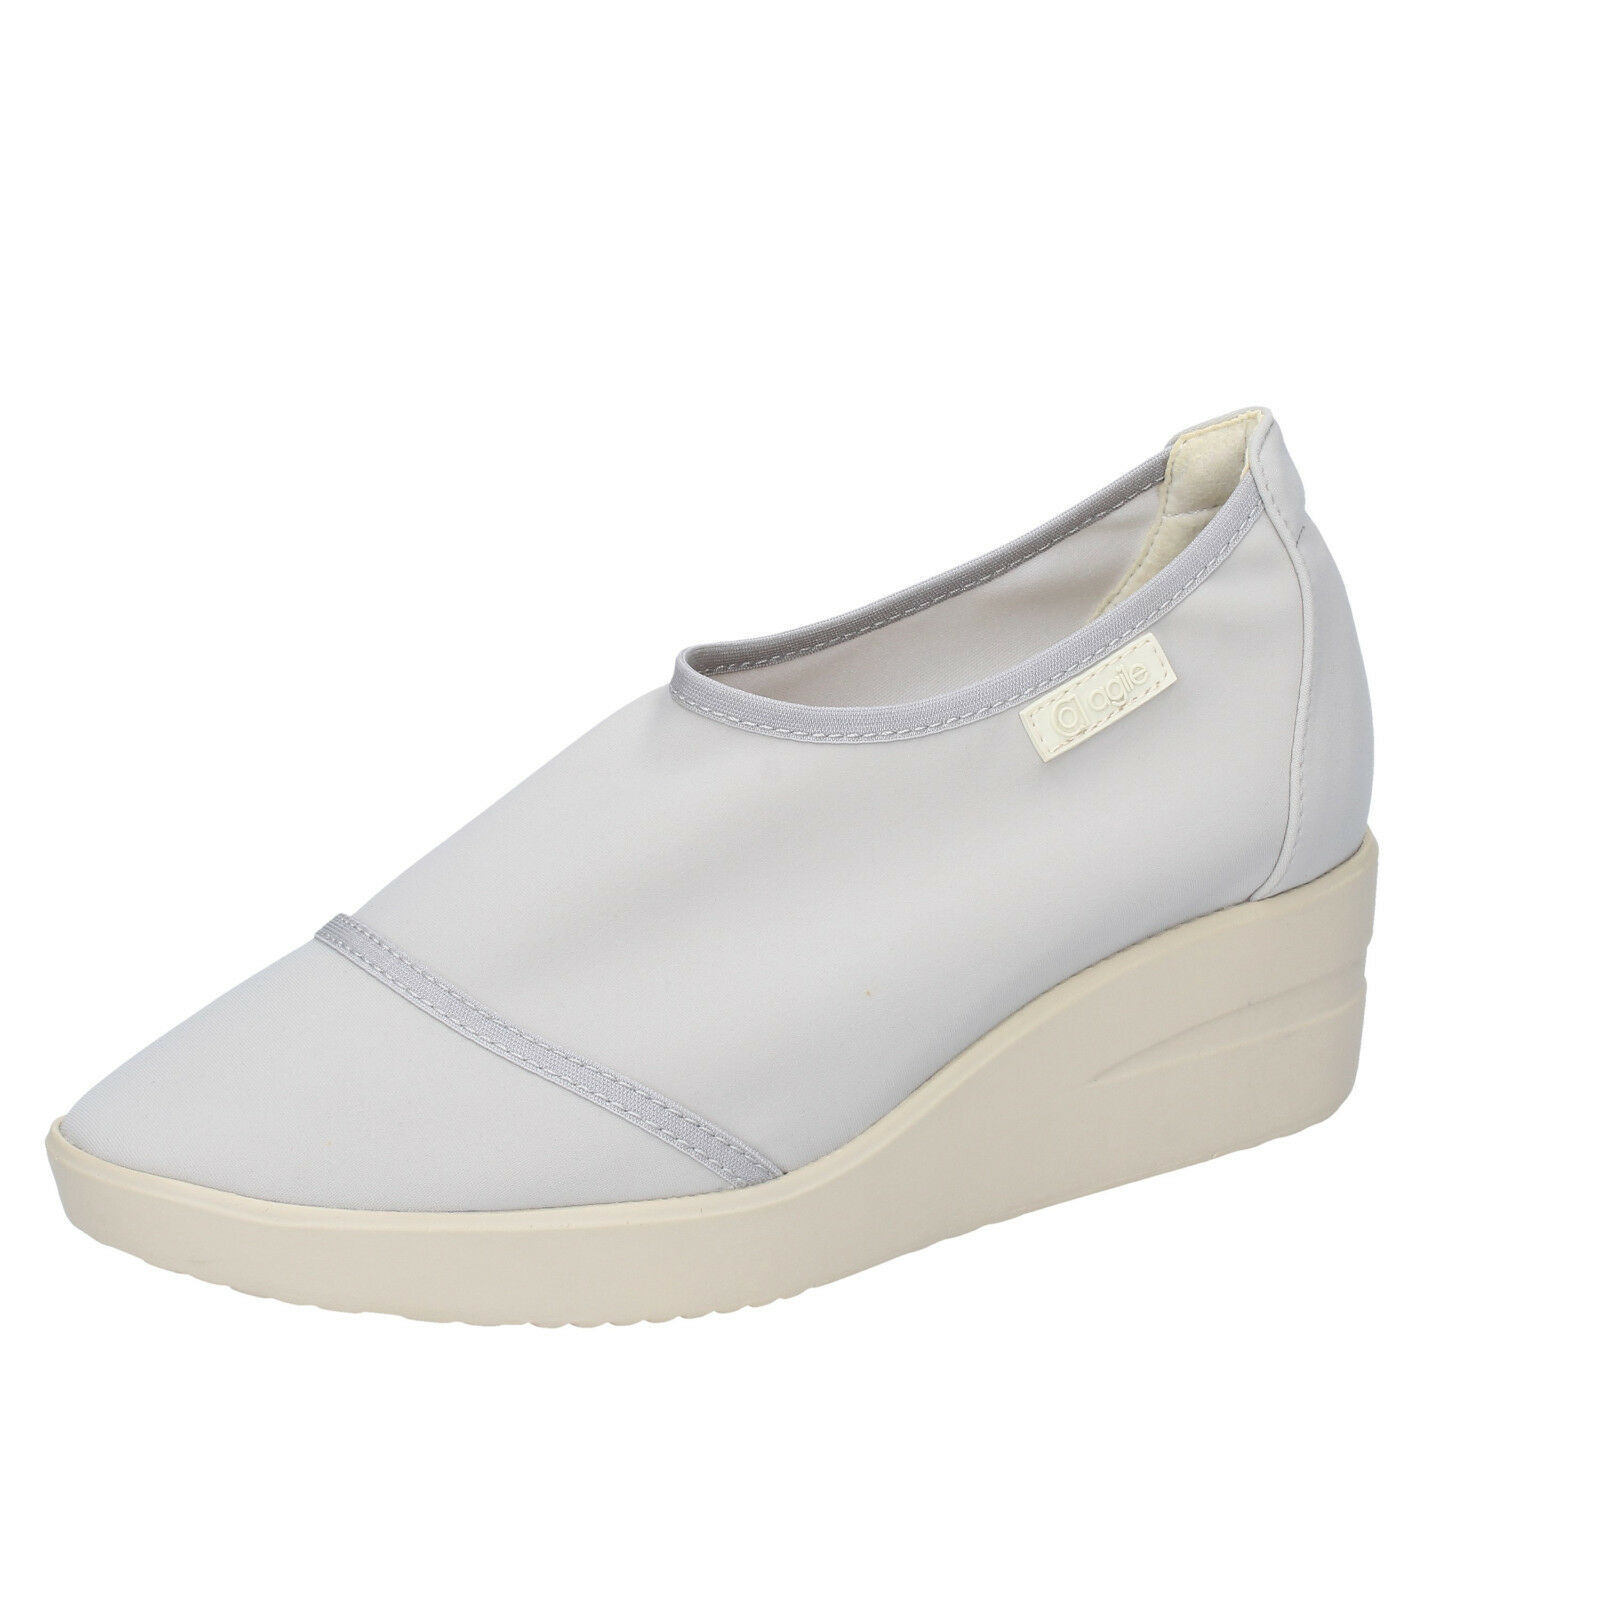 Scarpe da donna agile by Rucoline 39 UE Slip on grigio tessile bt433-39